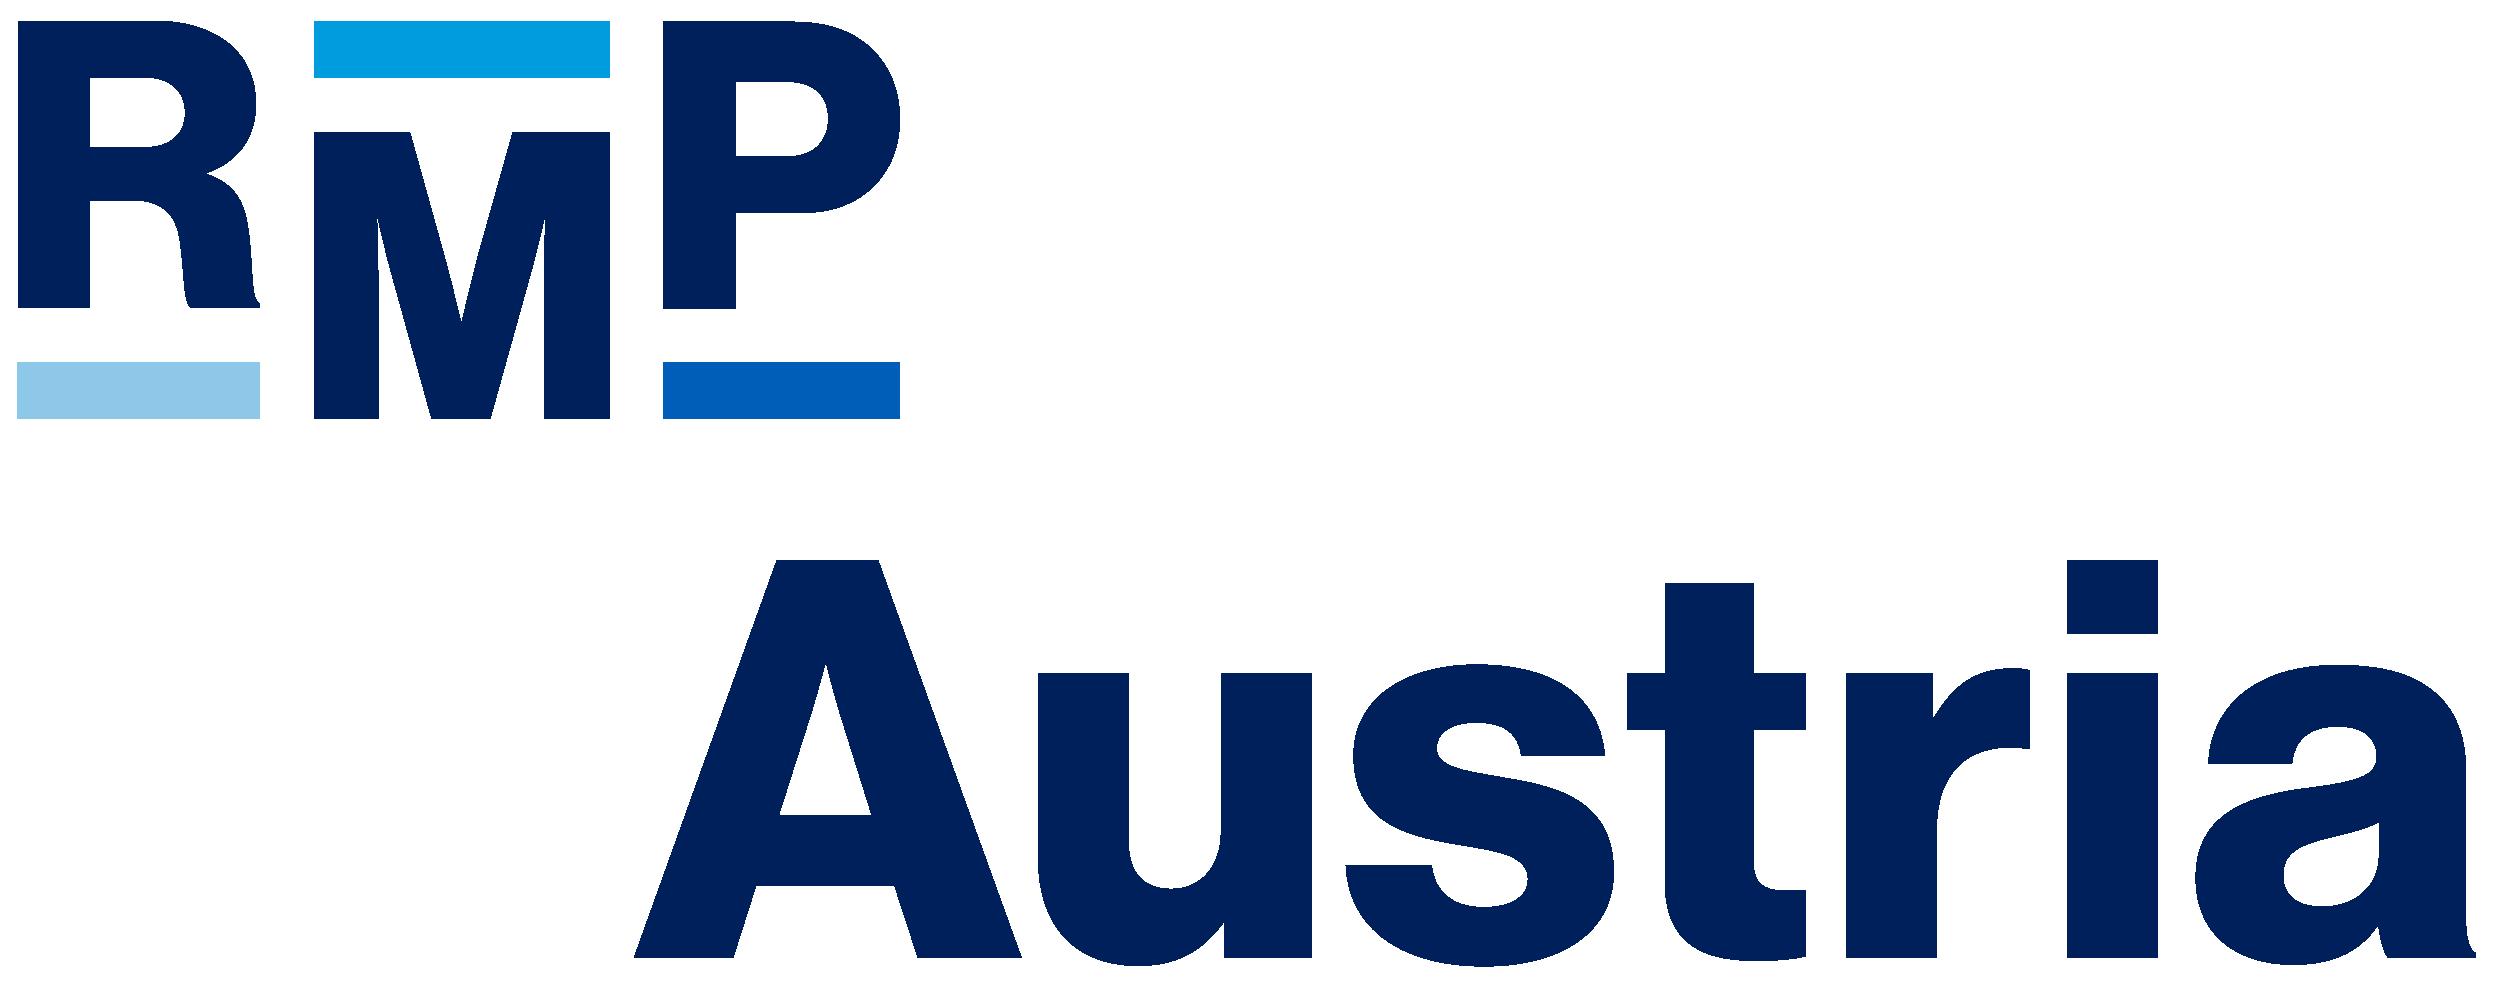 rmp_austria